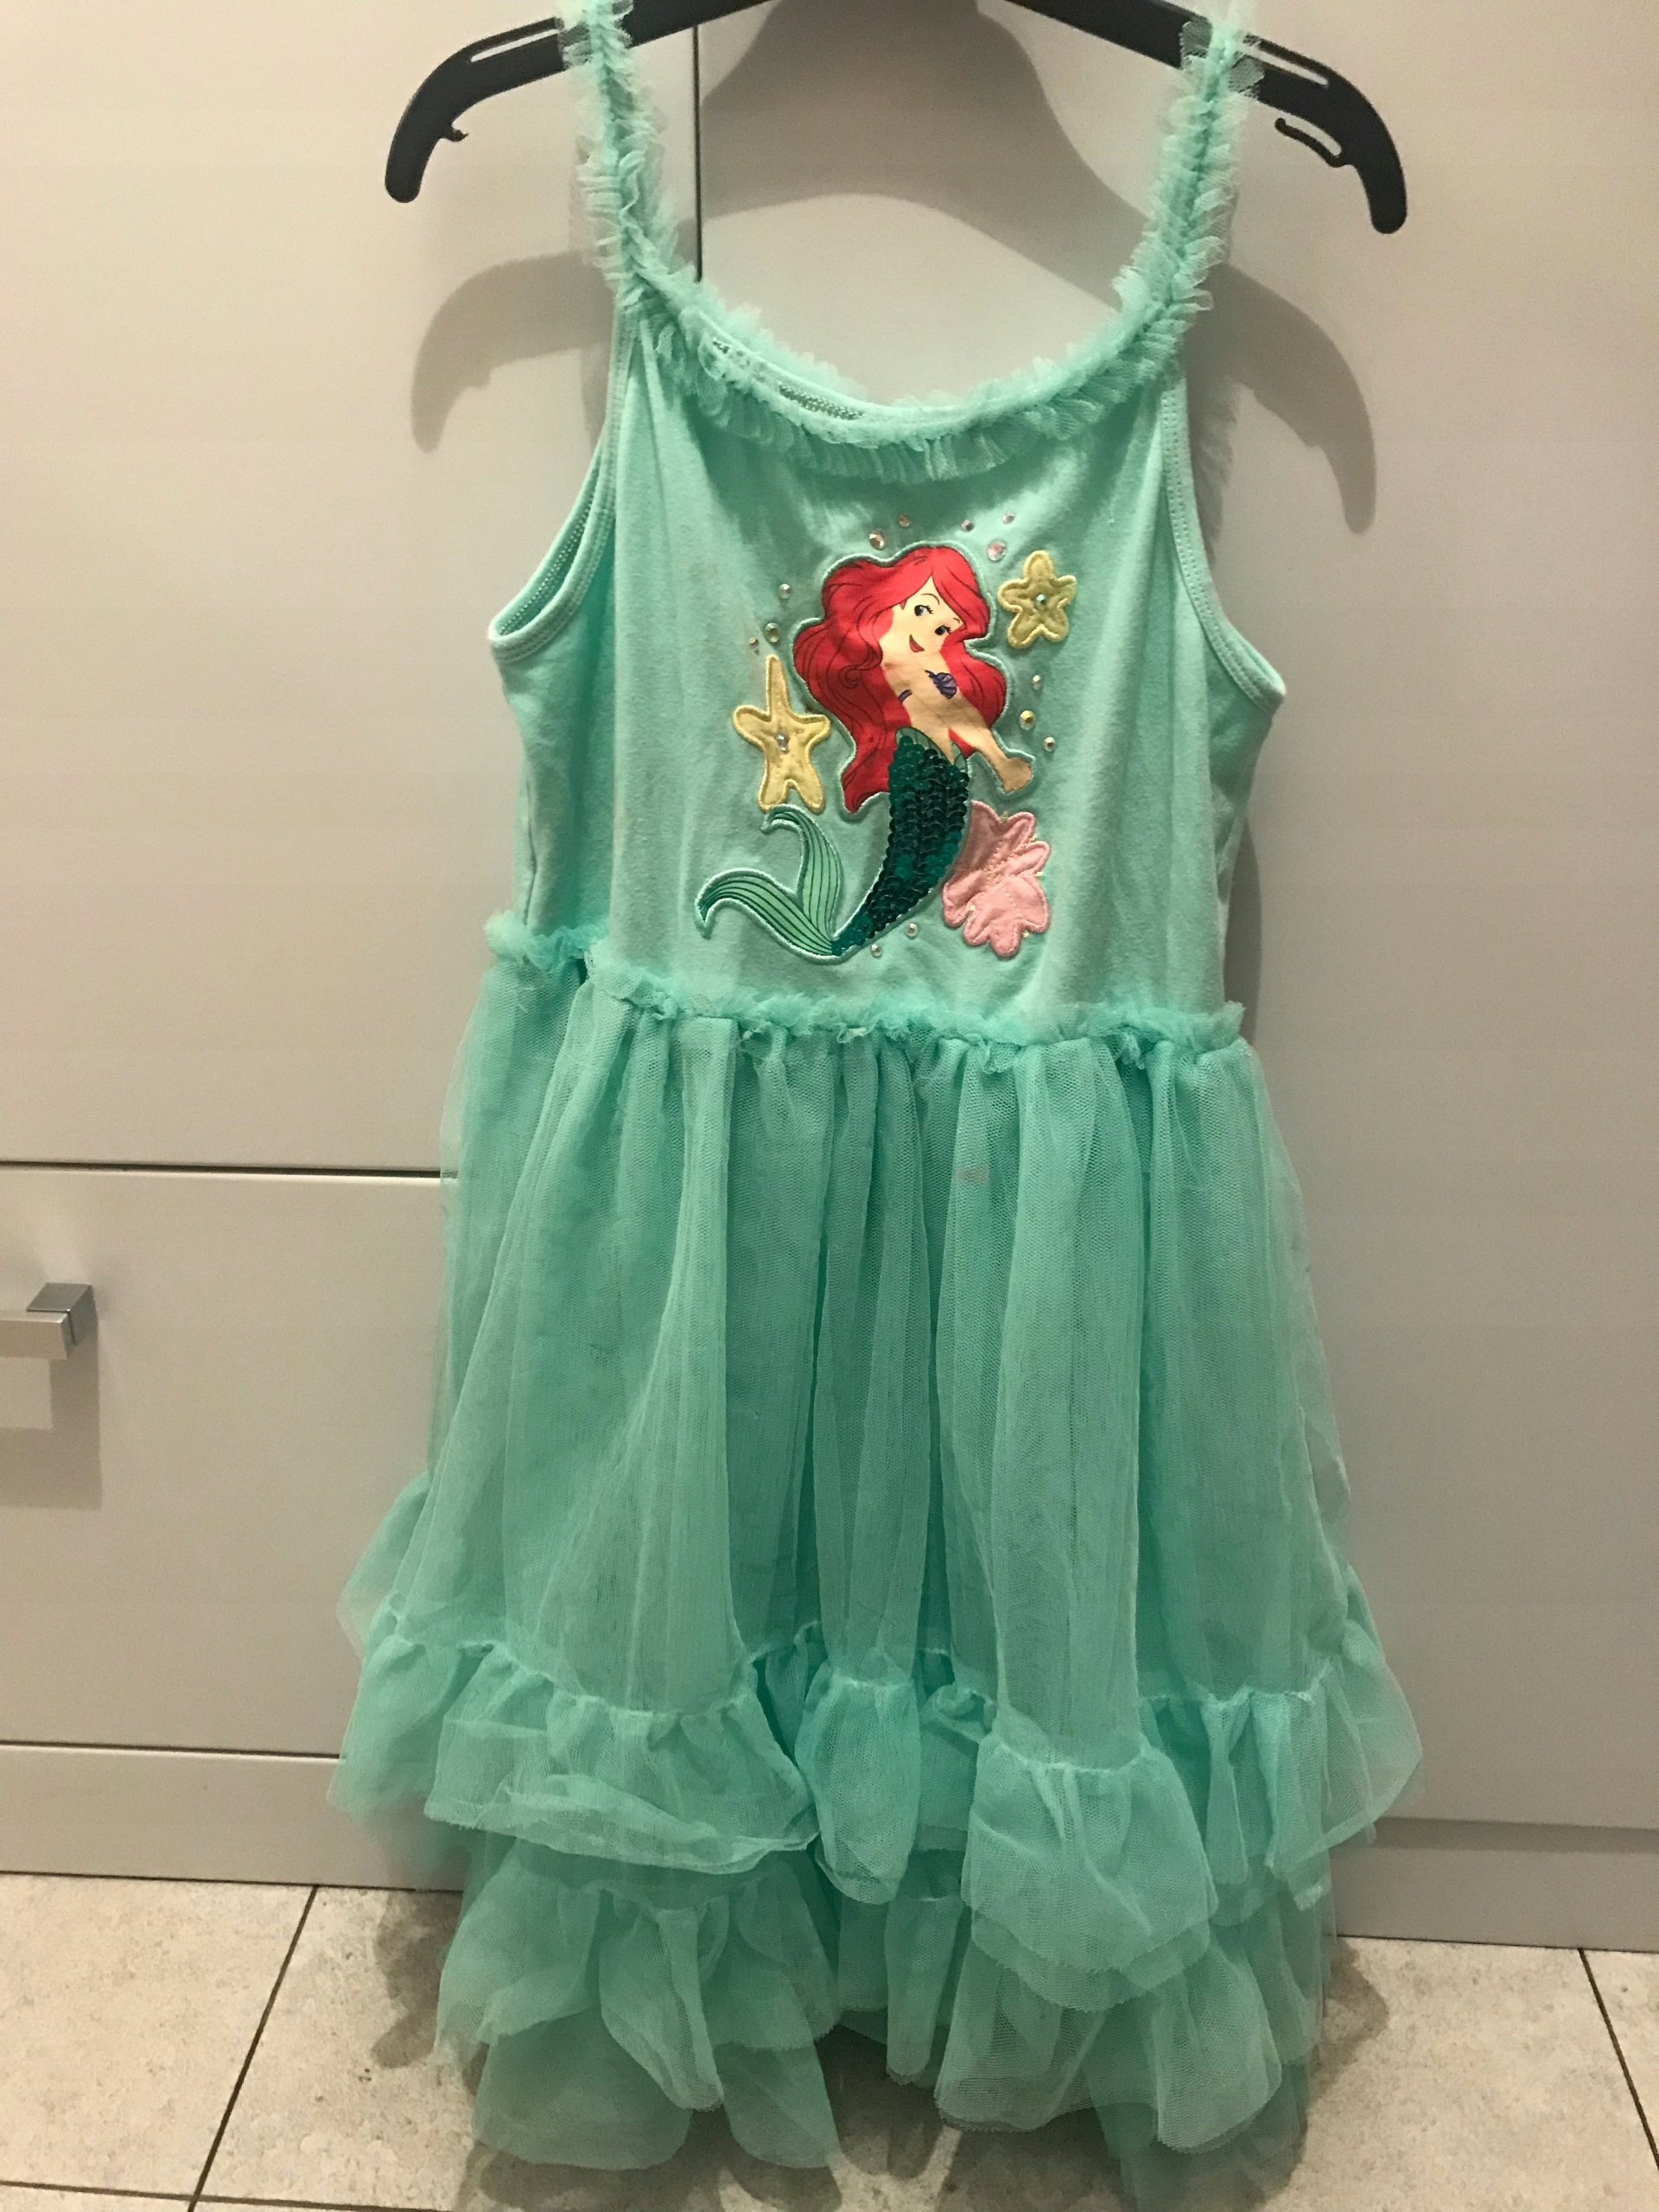 8336d7d0cd Sukienka bal przebranie syrenka Ariel Disney 122 - 7603631925 ...